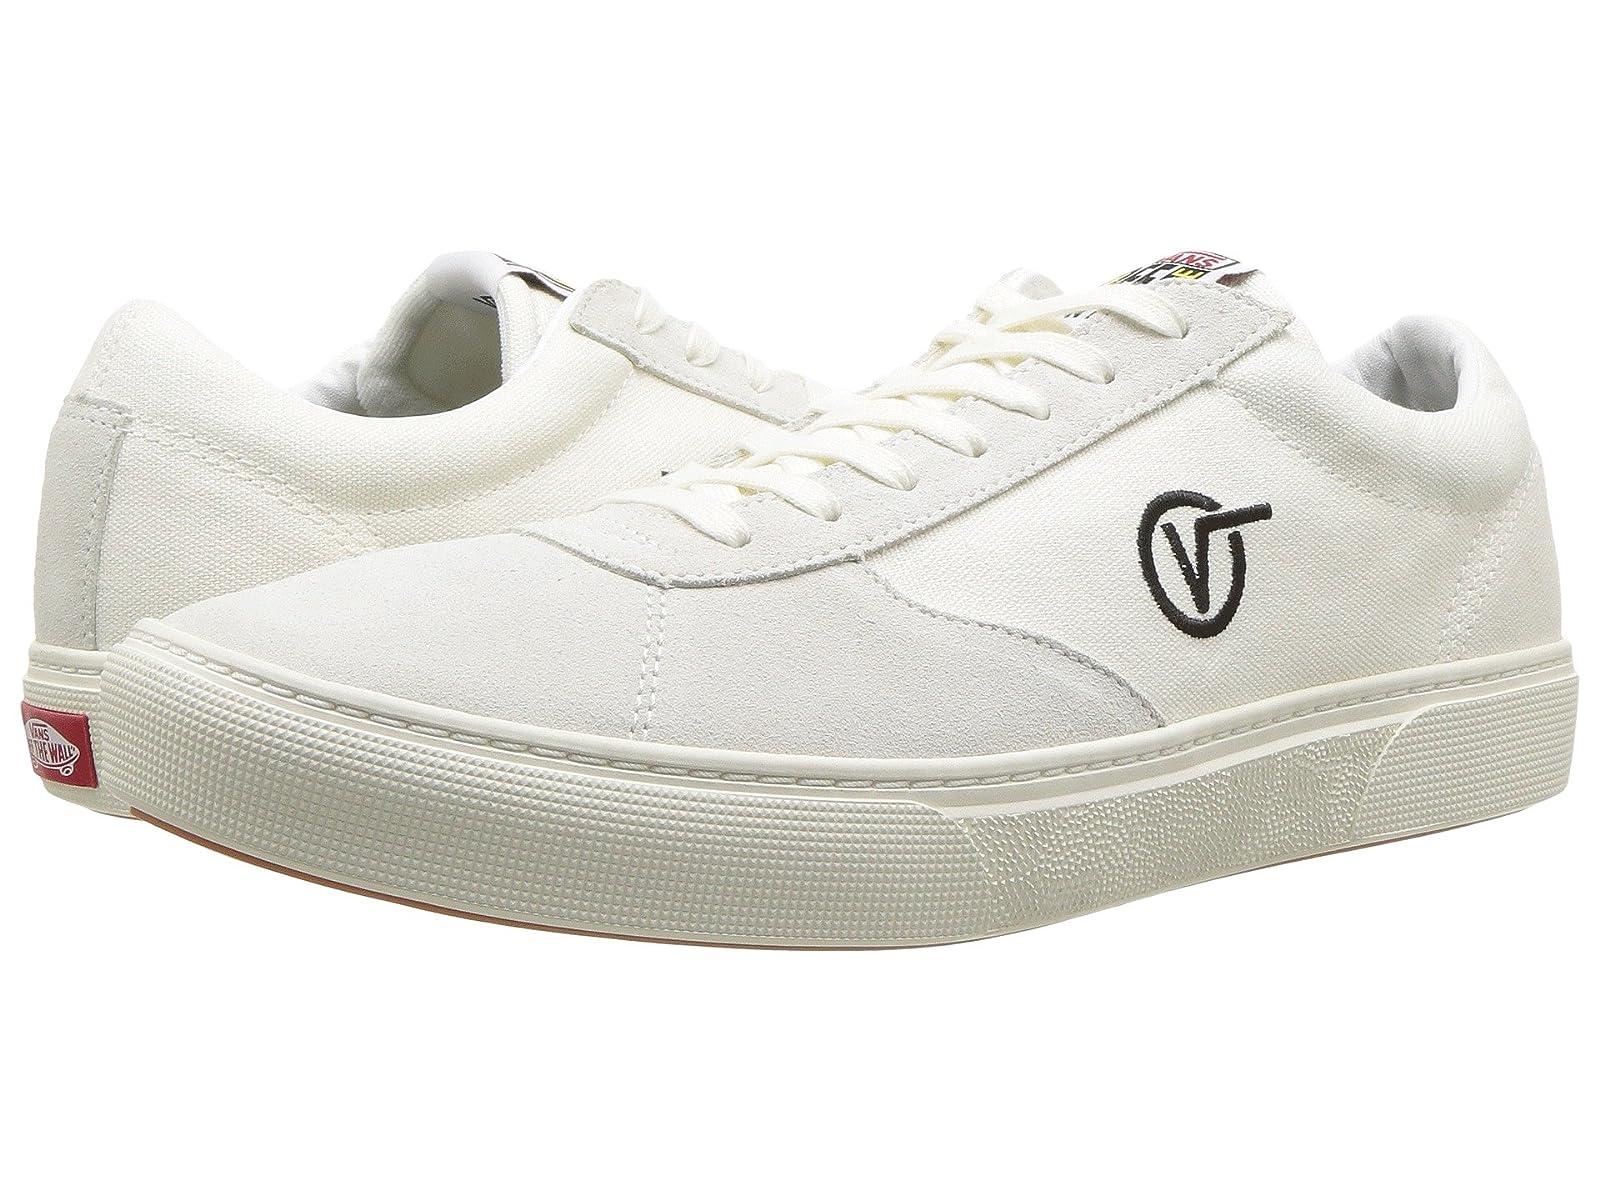 Vans ParadoxxxAtmospheric grades have affordable shoes